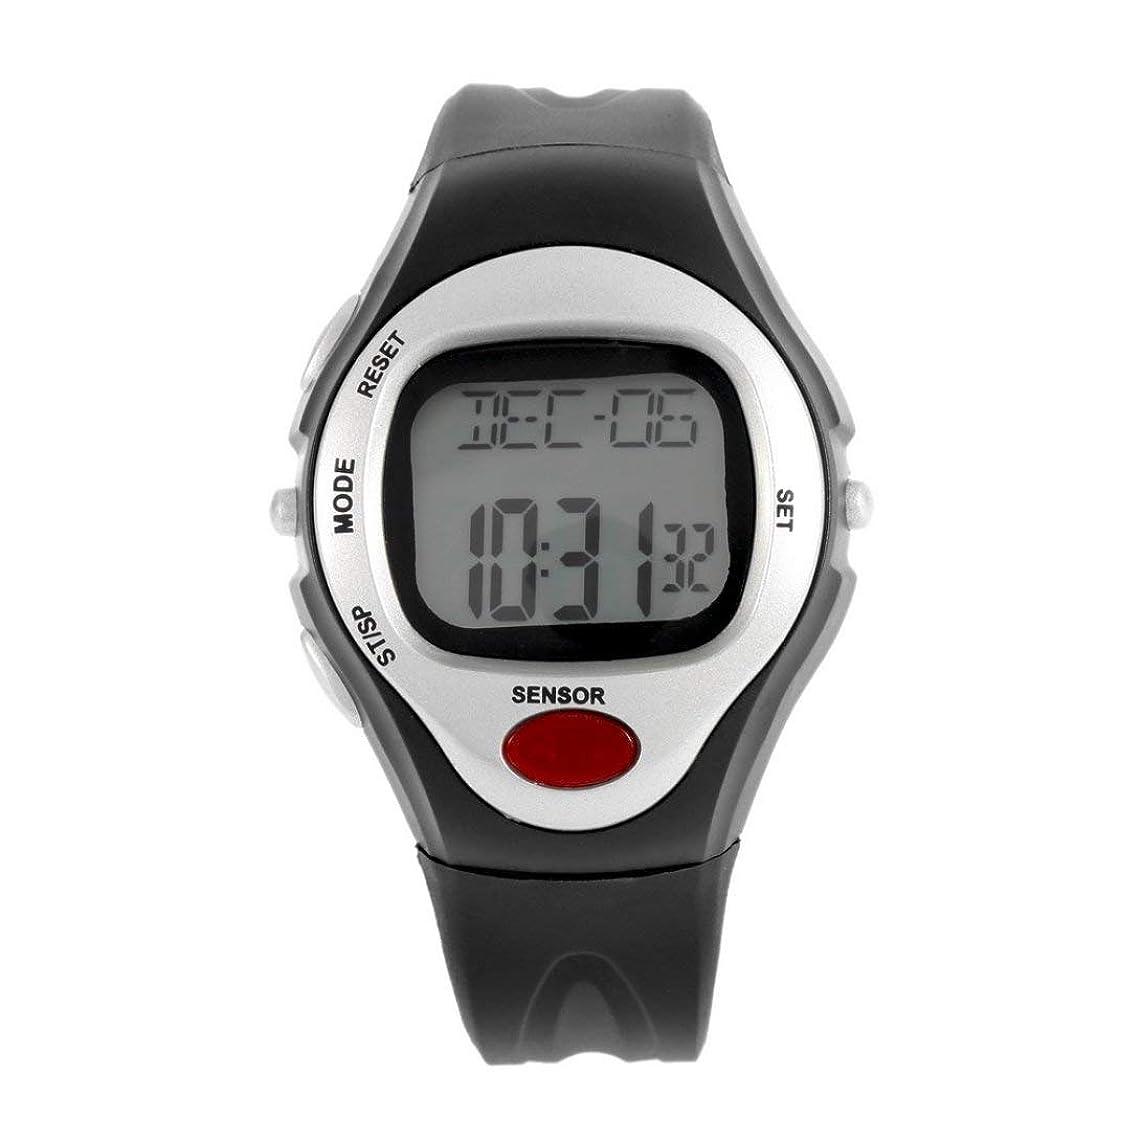 インタフェース不良品外出Swiftgood 心拍数モニター、歩数計の腕時計、フィットネスウォッチデジタル腕時計付きフィットネストラッカー